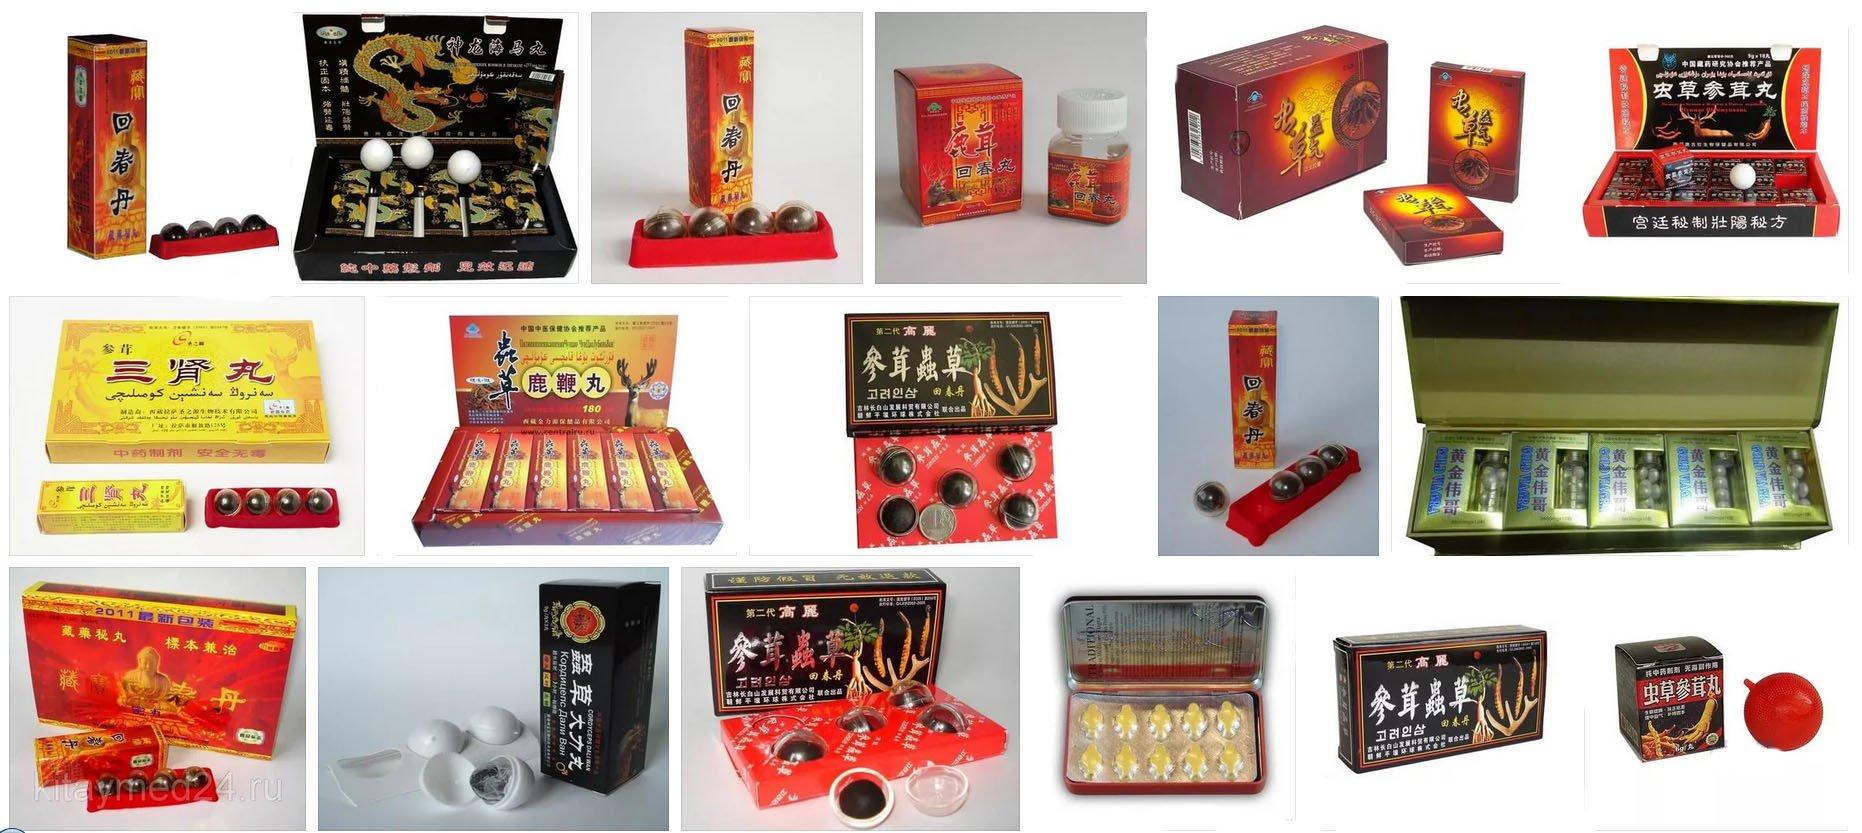 Китайские препараты для потенции